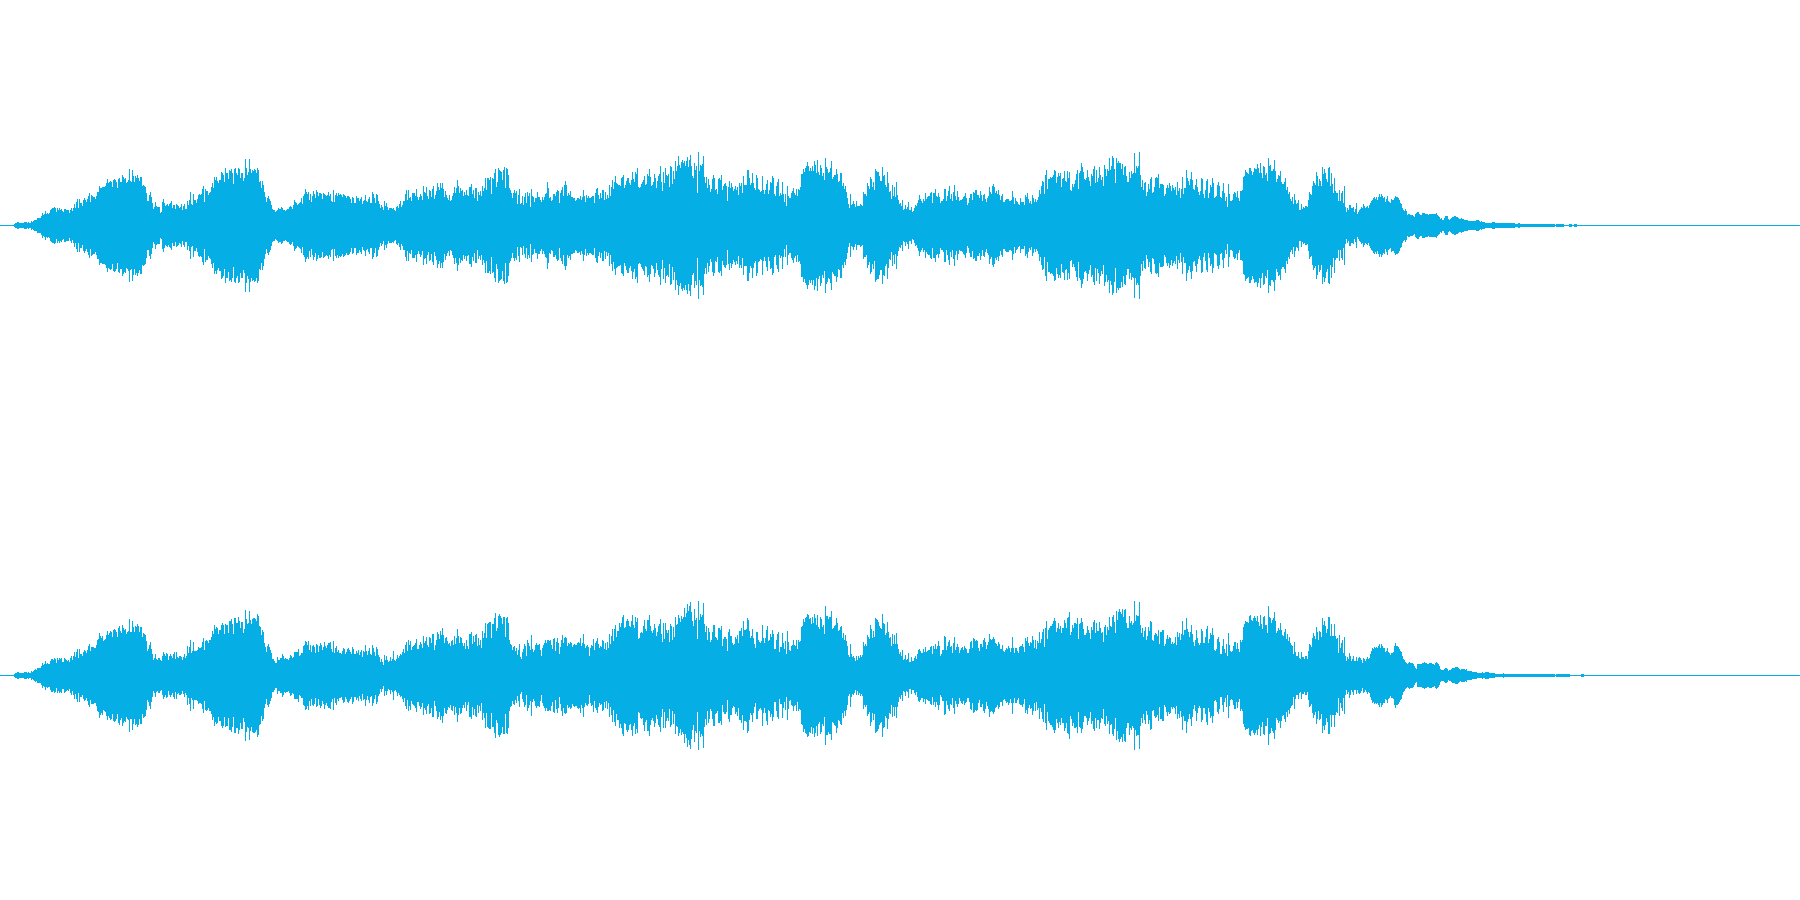 「昔風のコントのオチ」の再生済みの波形